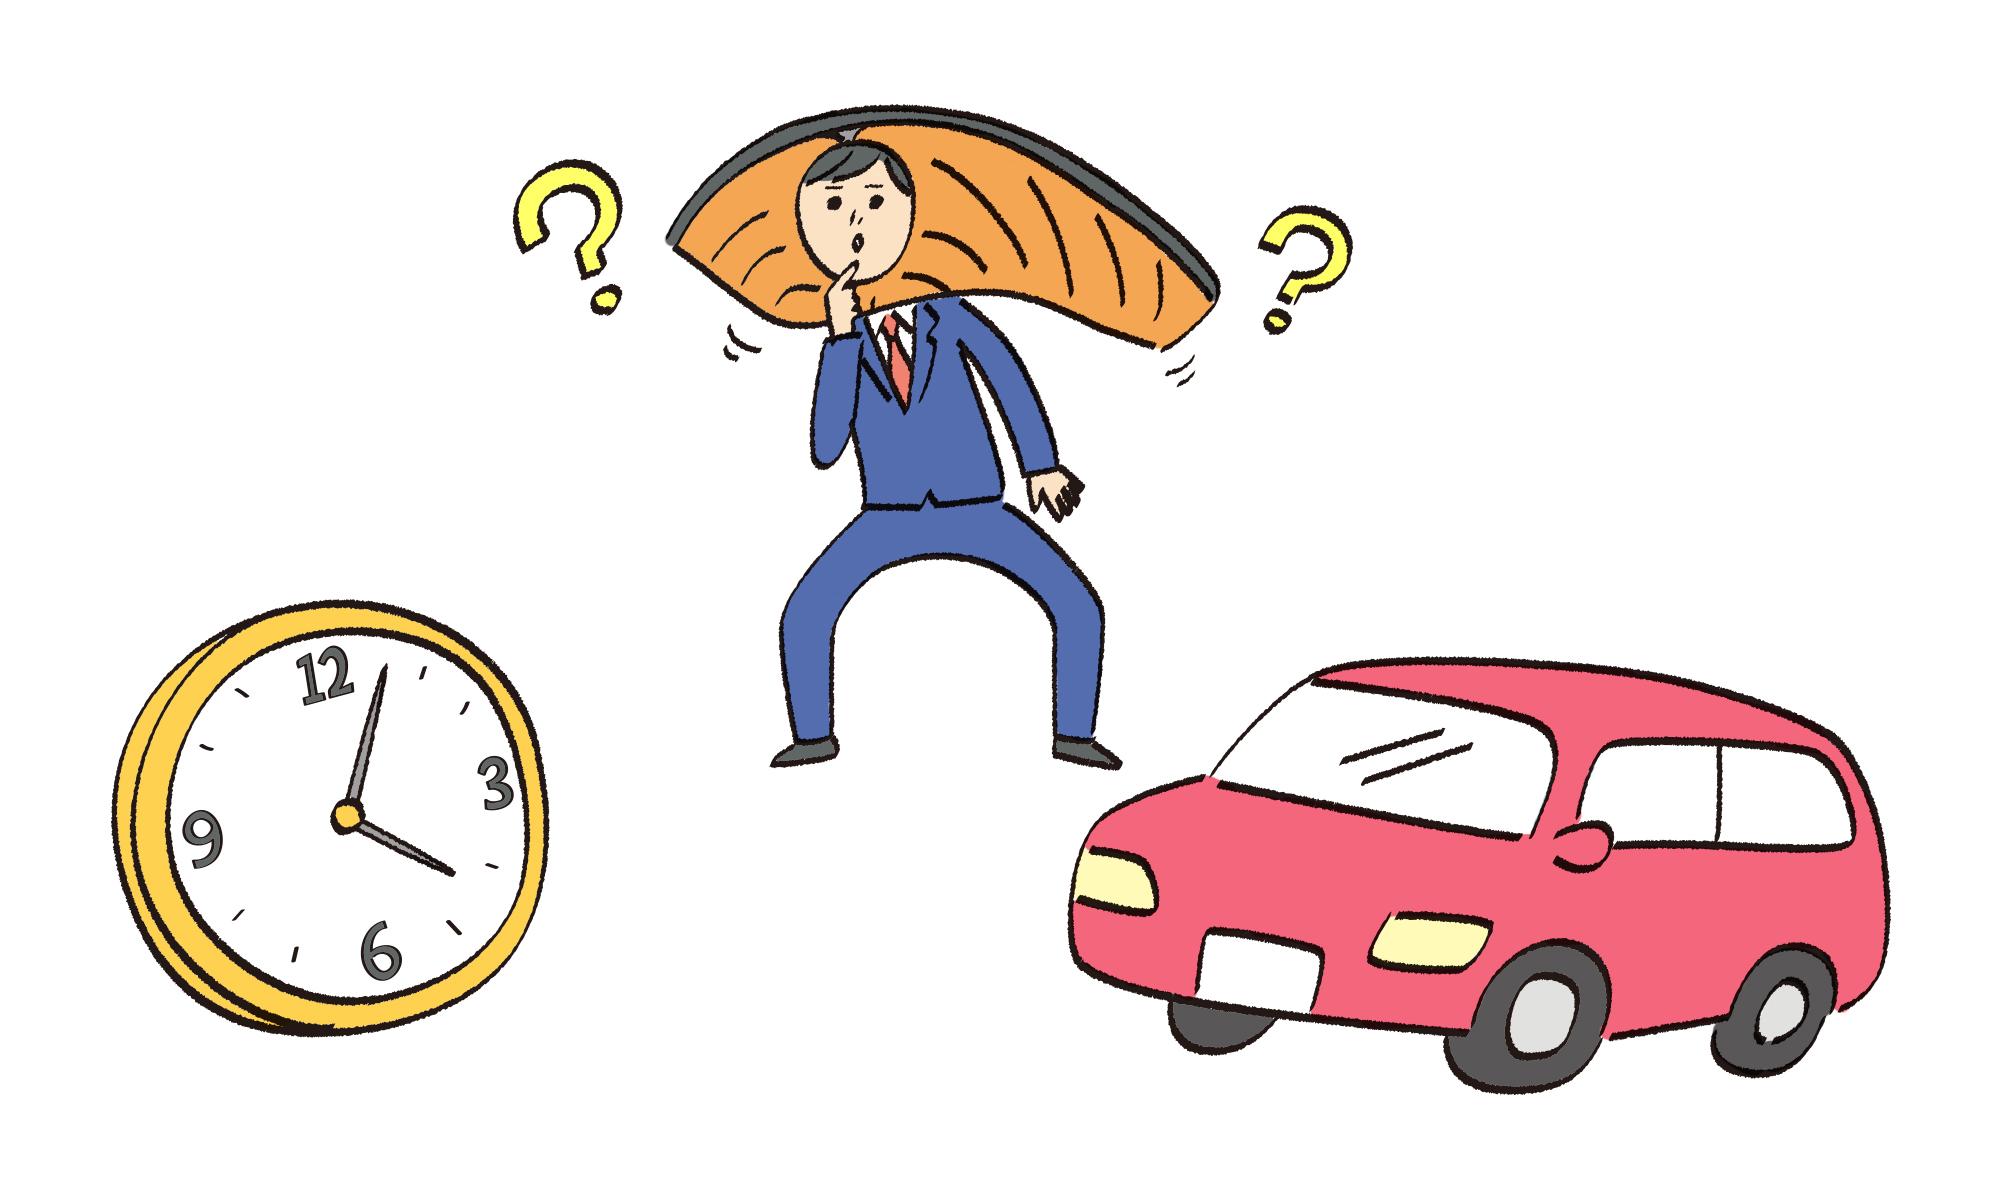 迷う人、時計、自動車のイラスト